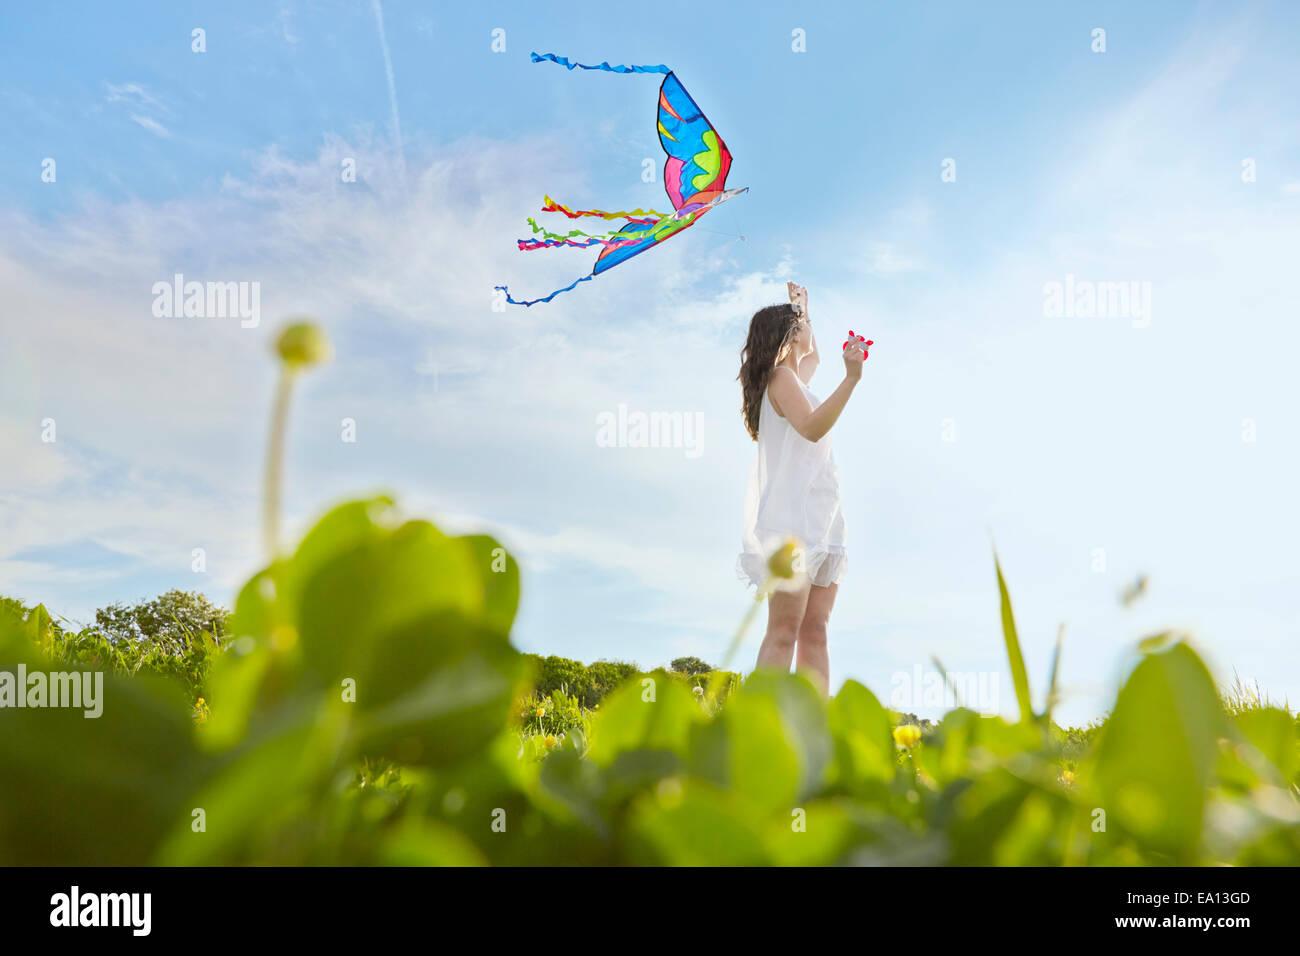 Ebene Oberflächenansicht jungen Frau, die einen Drachen im Feld Stockbild